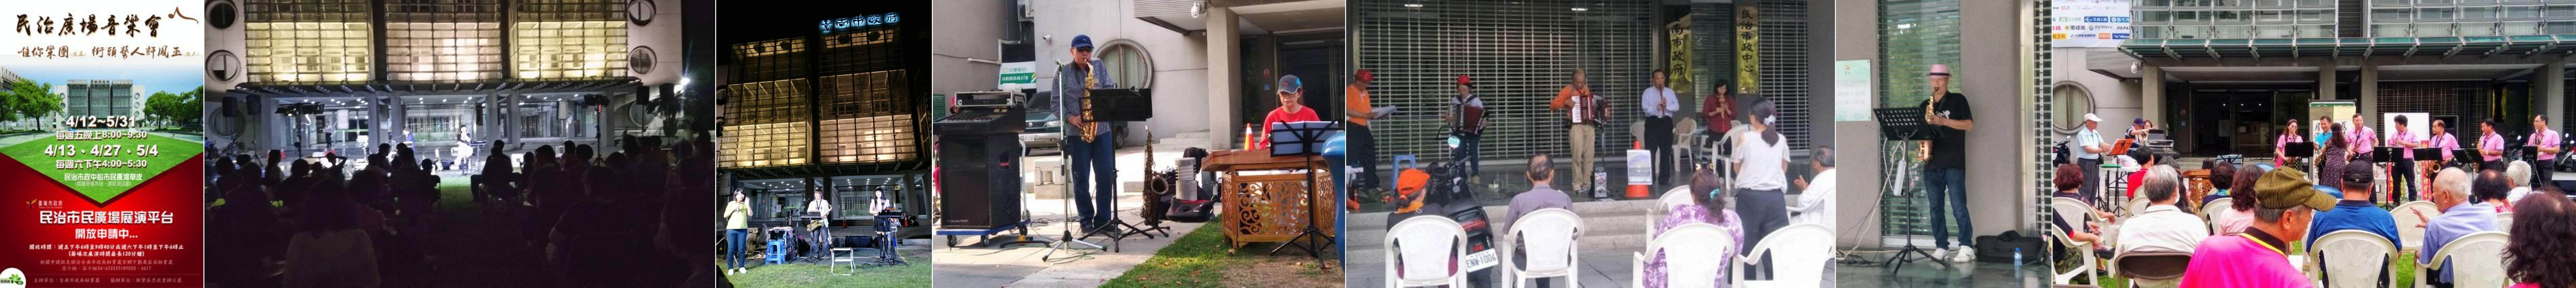 民治市民廣場-樂歌聲樂飄揚-推動常民音樂文化,開放受理街頭表演申請